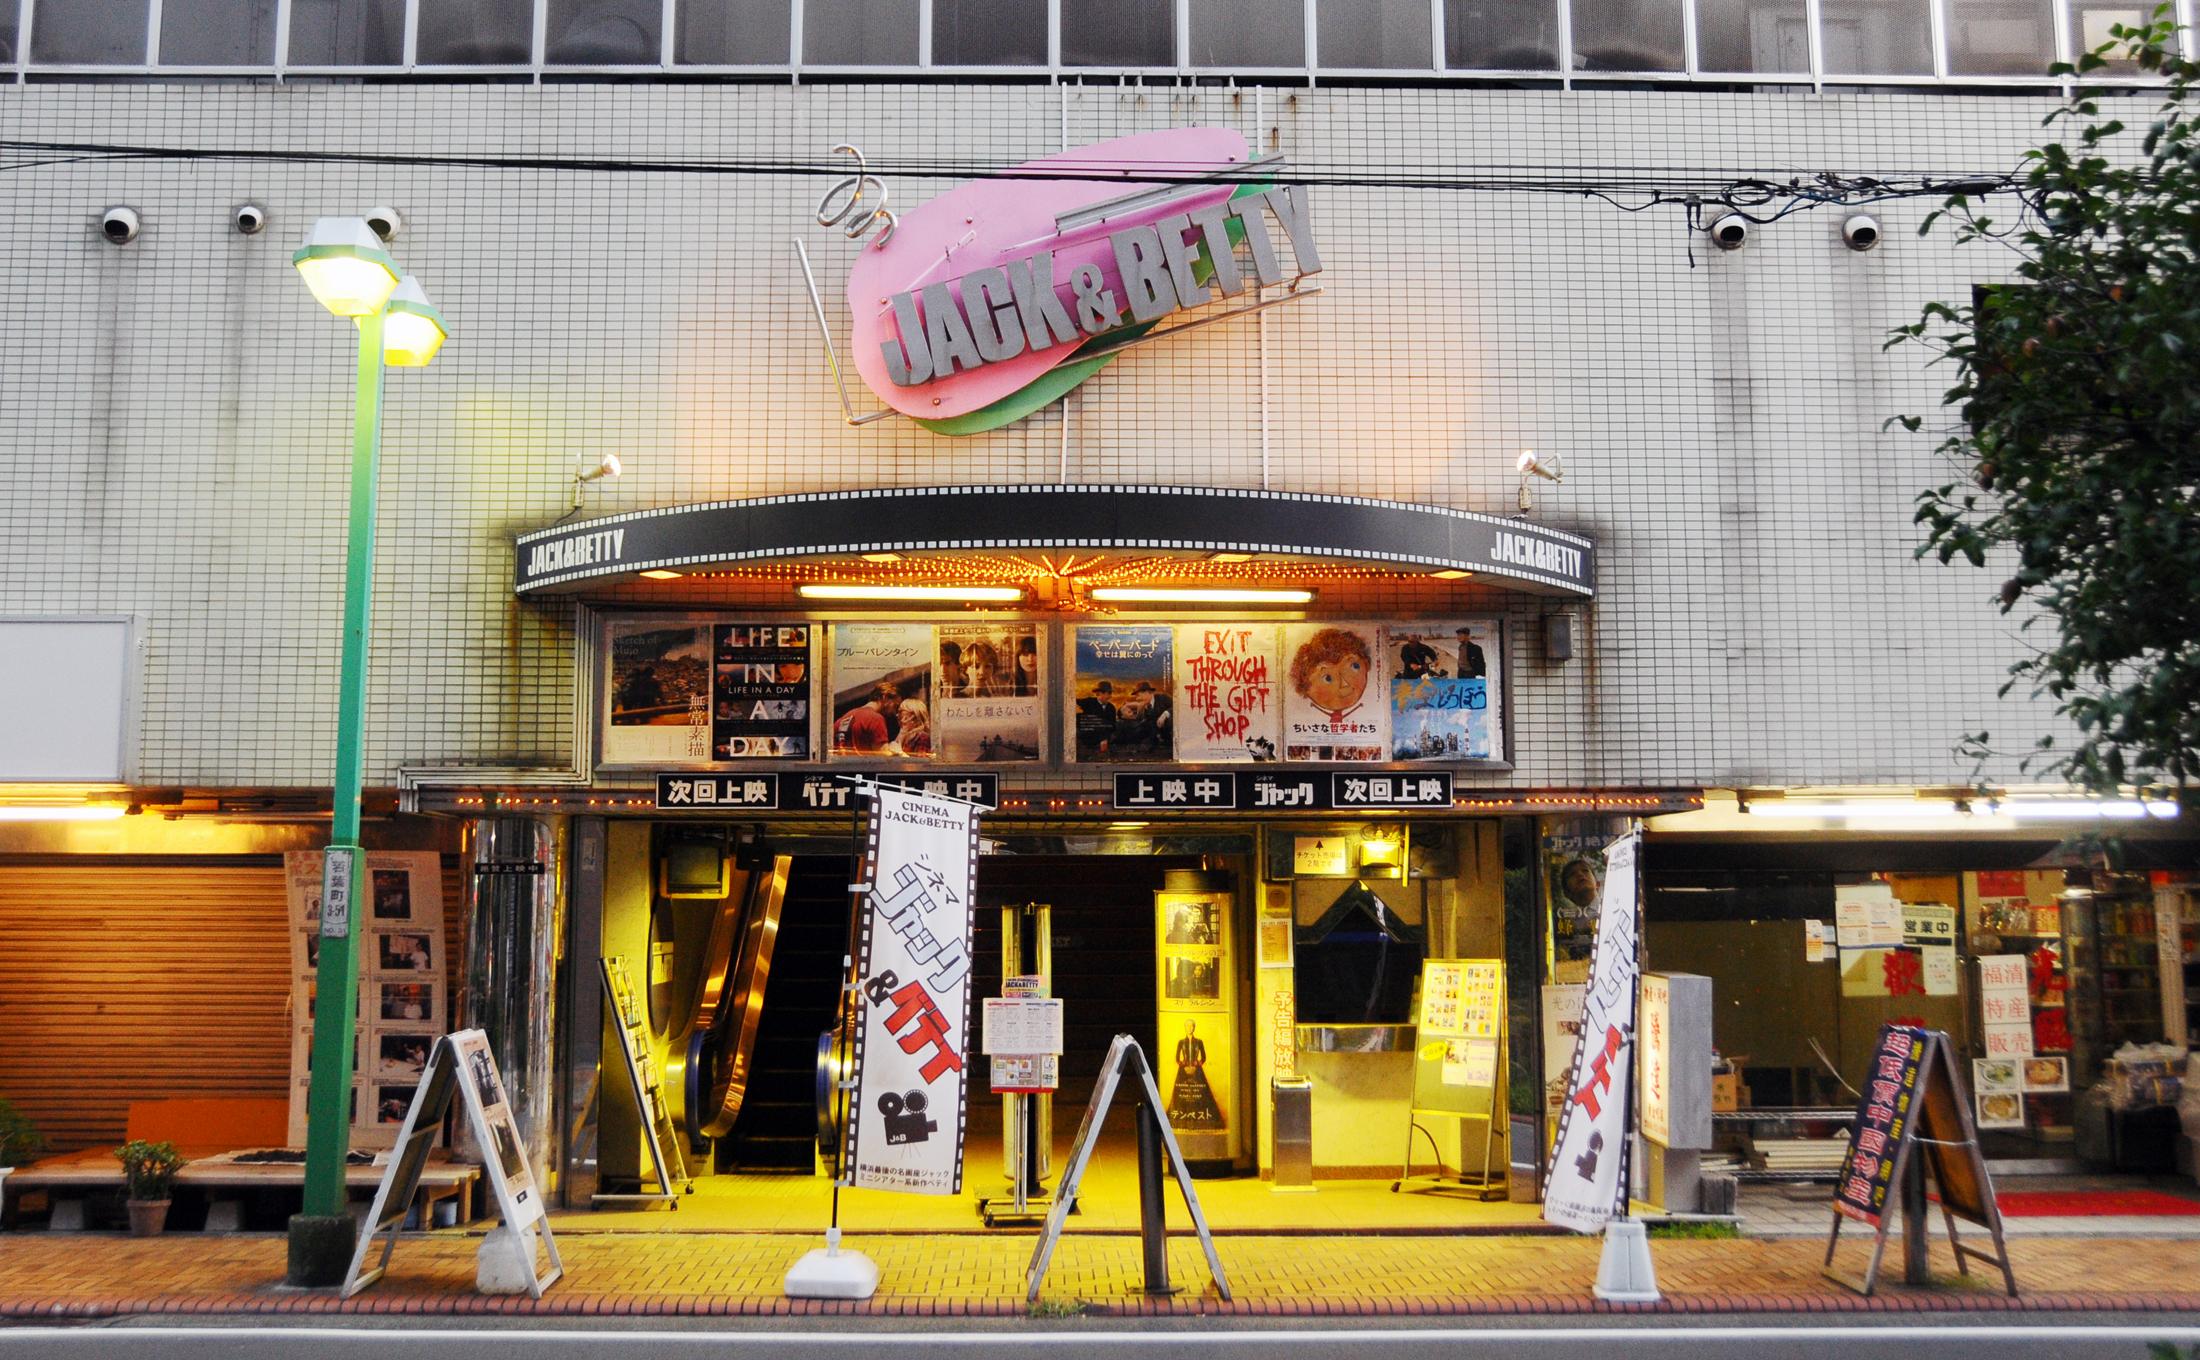 横浜:シネマ ジャック&ベティ/豊富なイベント